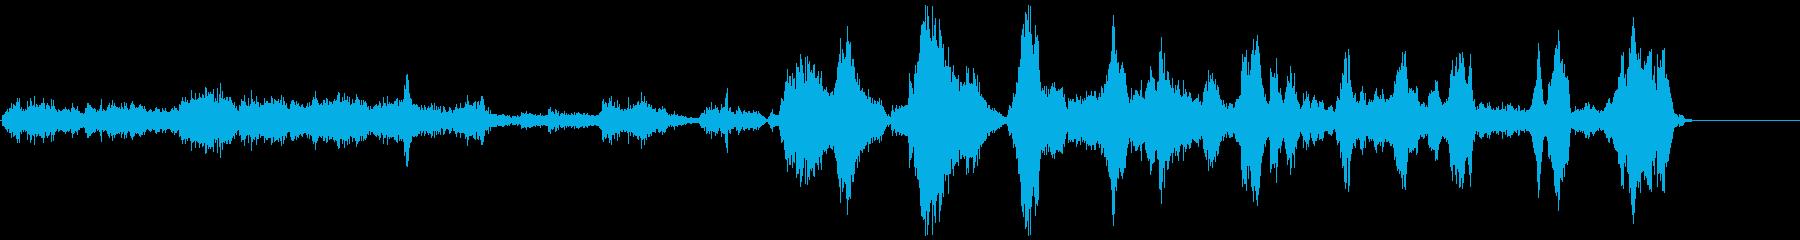 ゾンビ(グループ)攻撃1の再生済みの波形